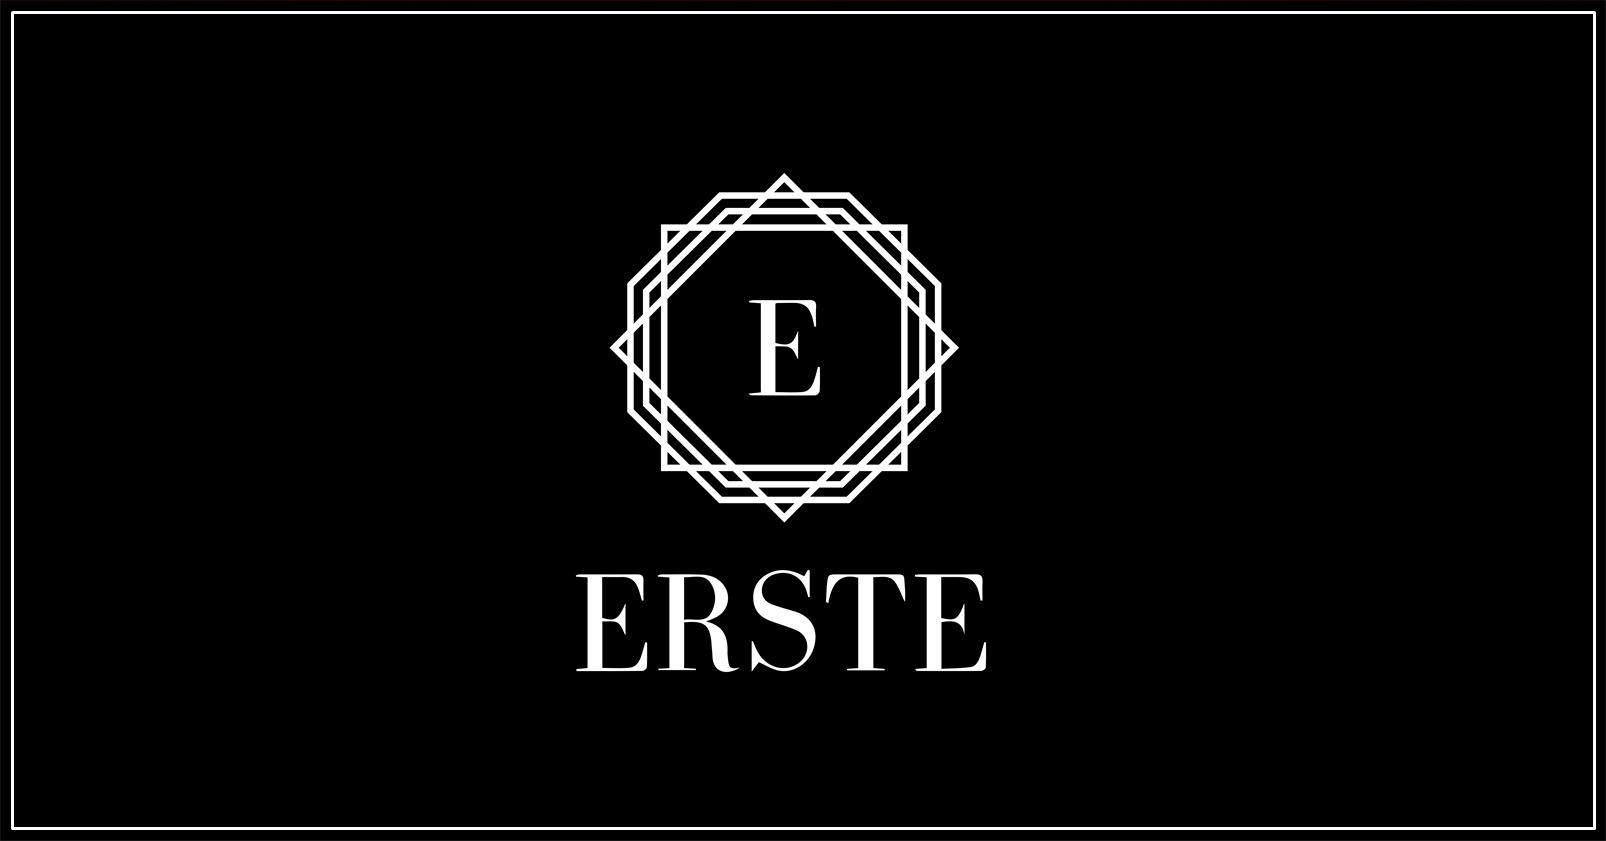 Contate ERSTE | Eventos Corporativos